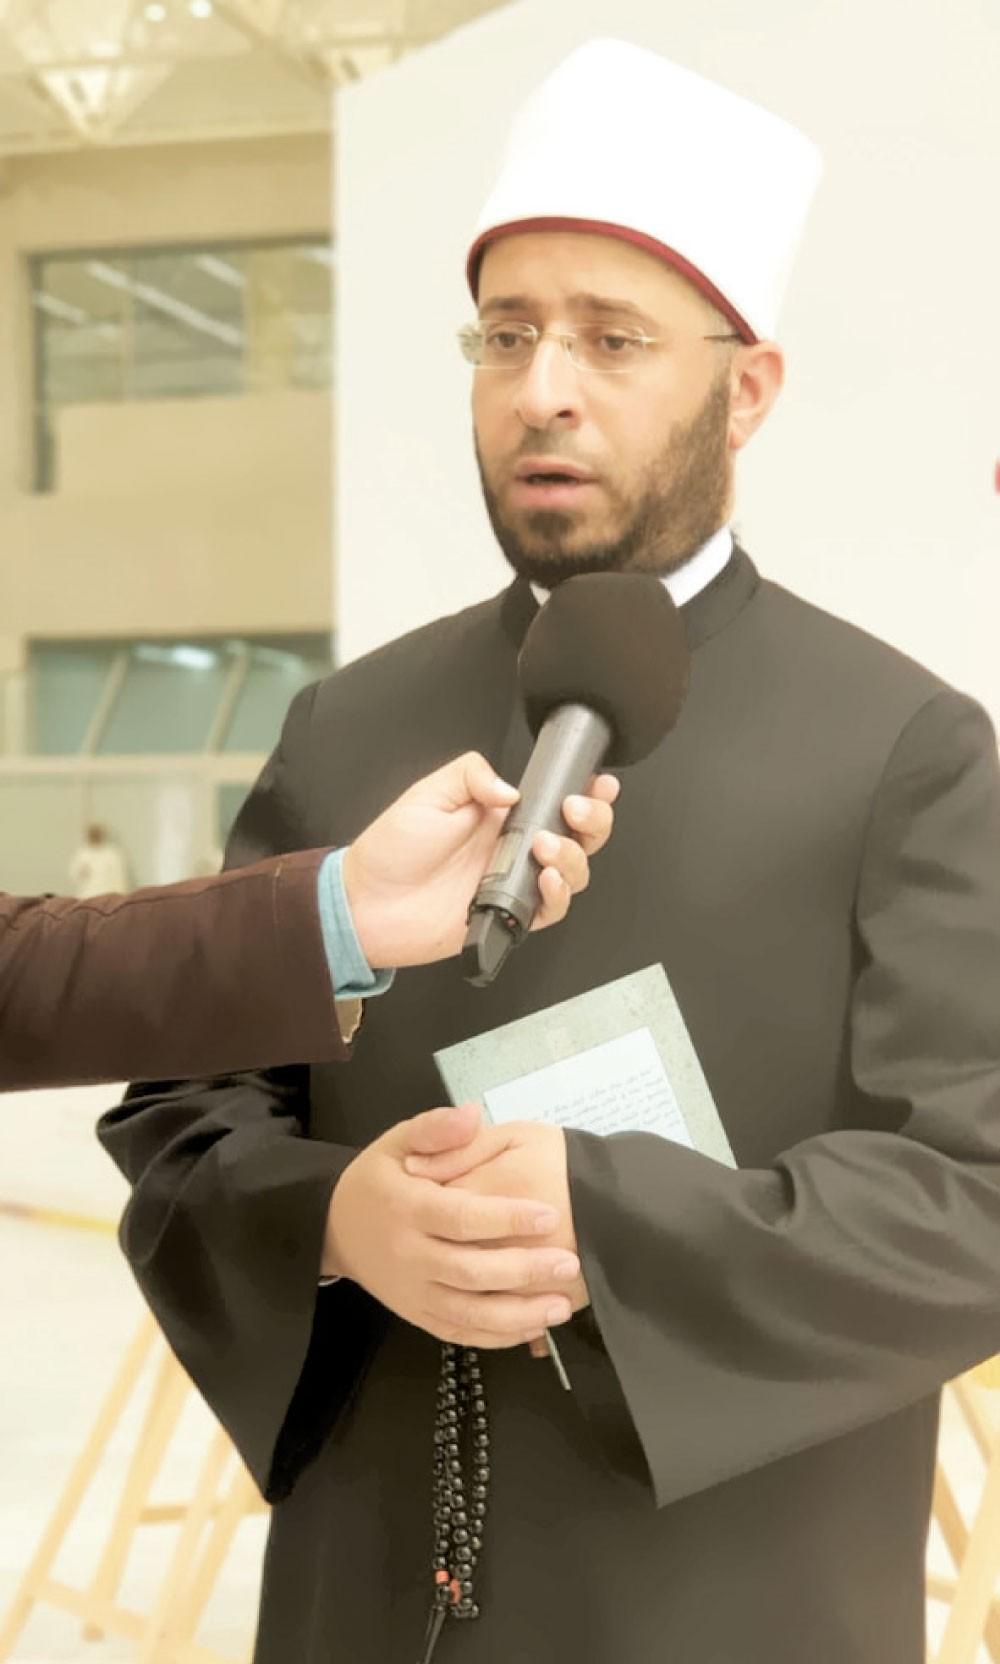 مستشار الرئيس المصري للشؤون الدينية أسامة الأزهري: مهرجان الأهرام الثقافي جسر متين بين مصر والبحرين